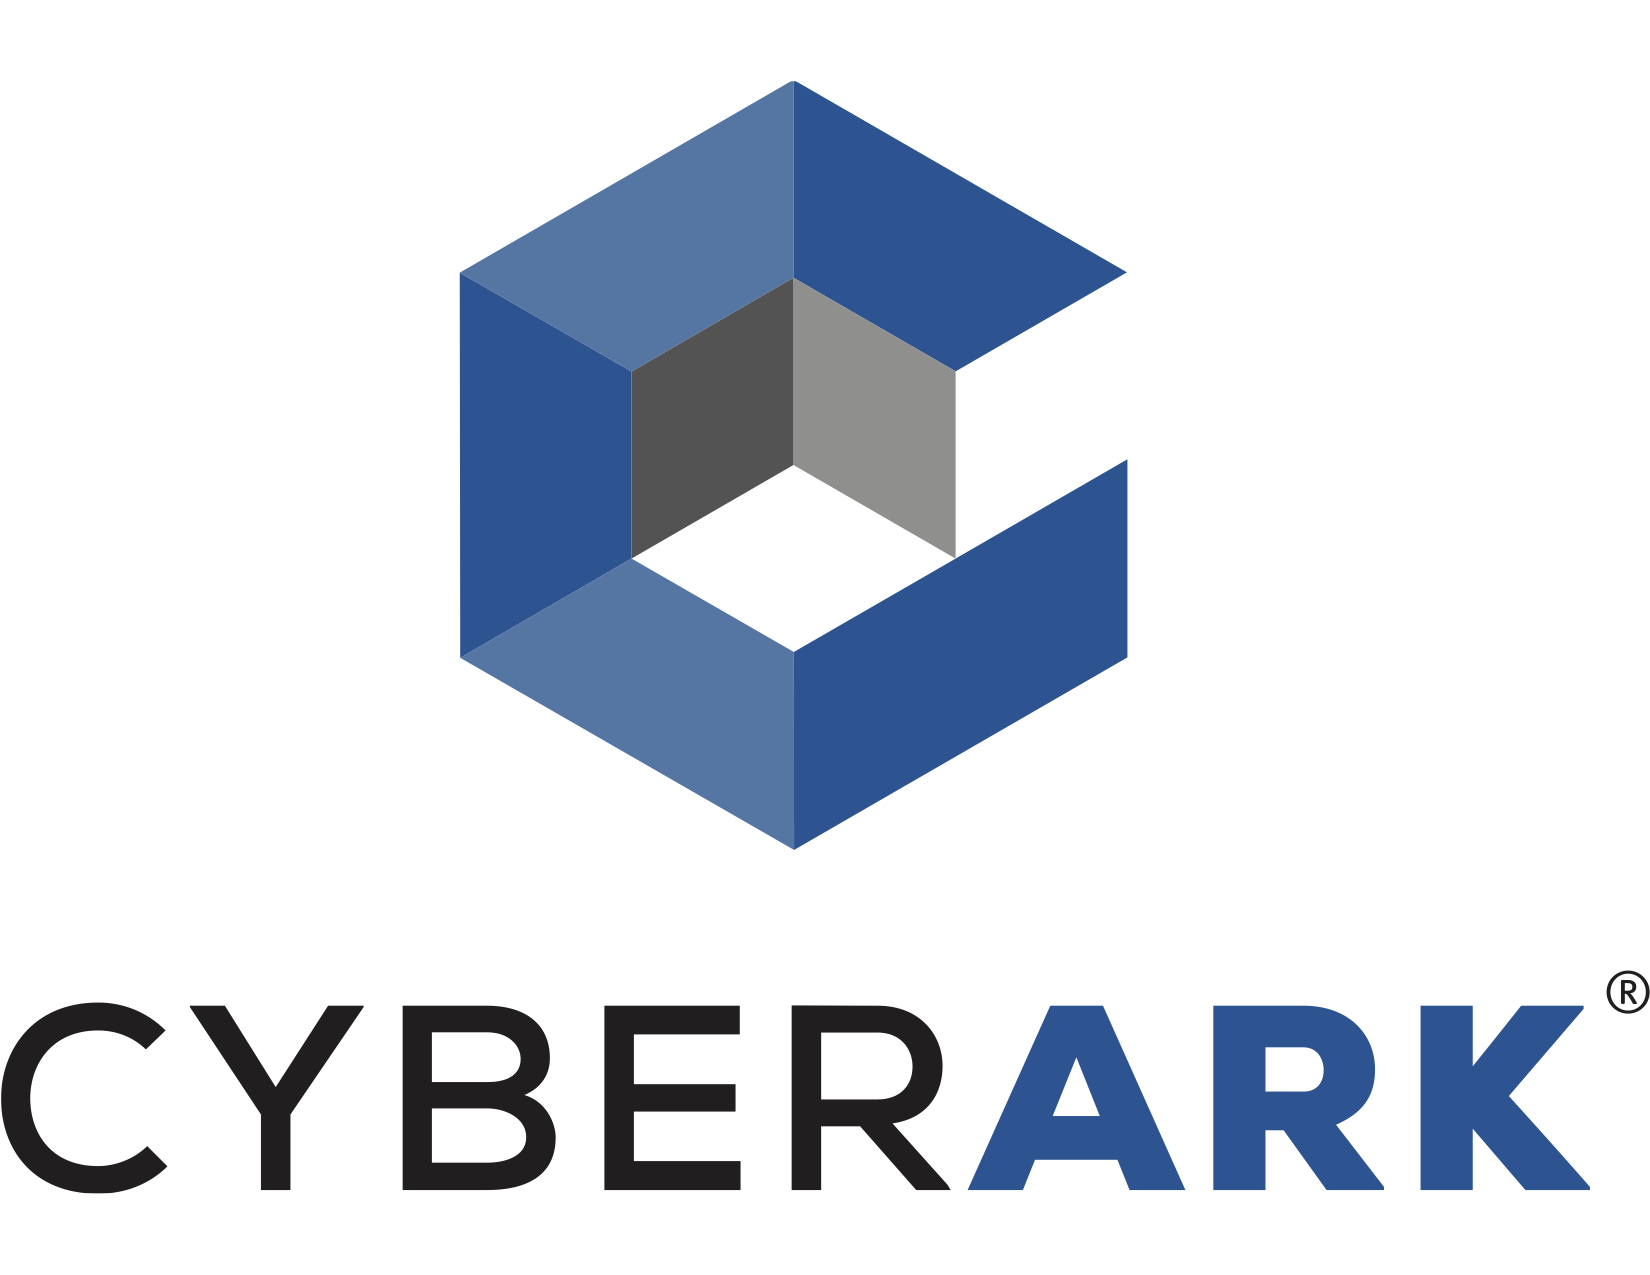 cyberark.jpg